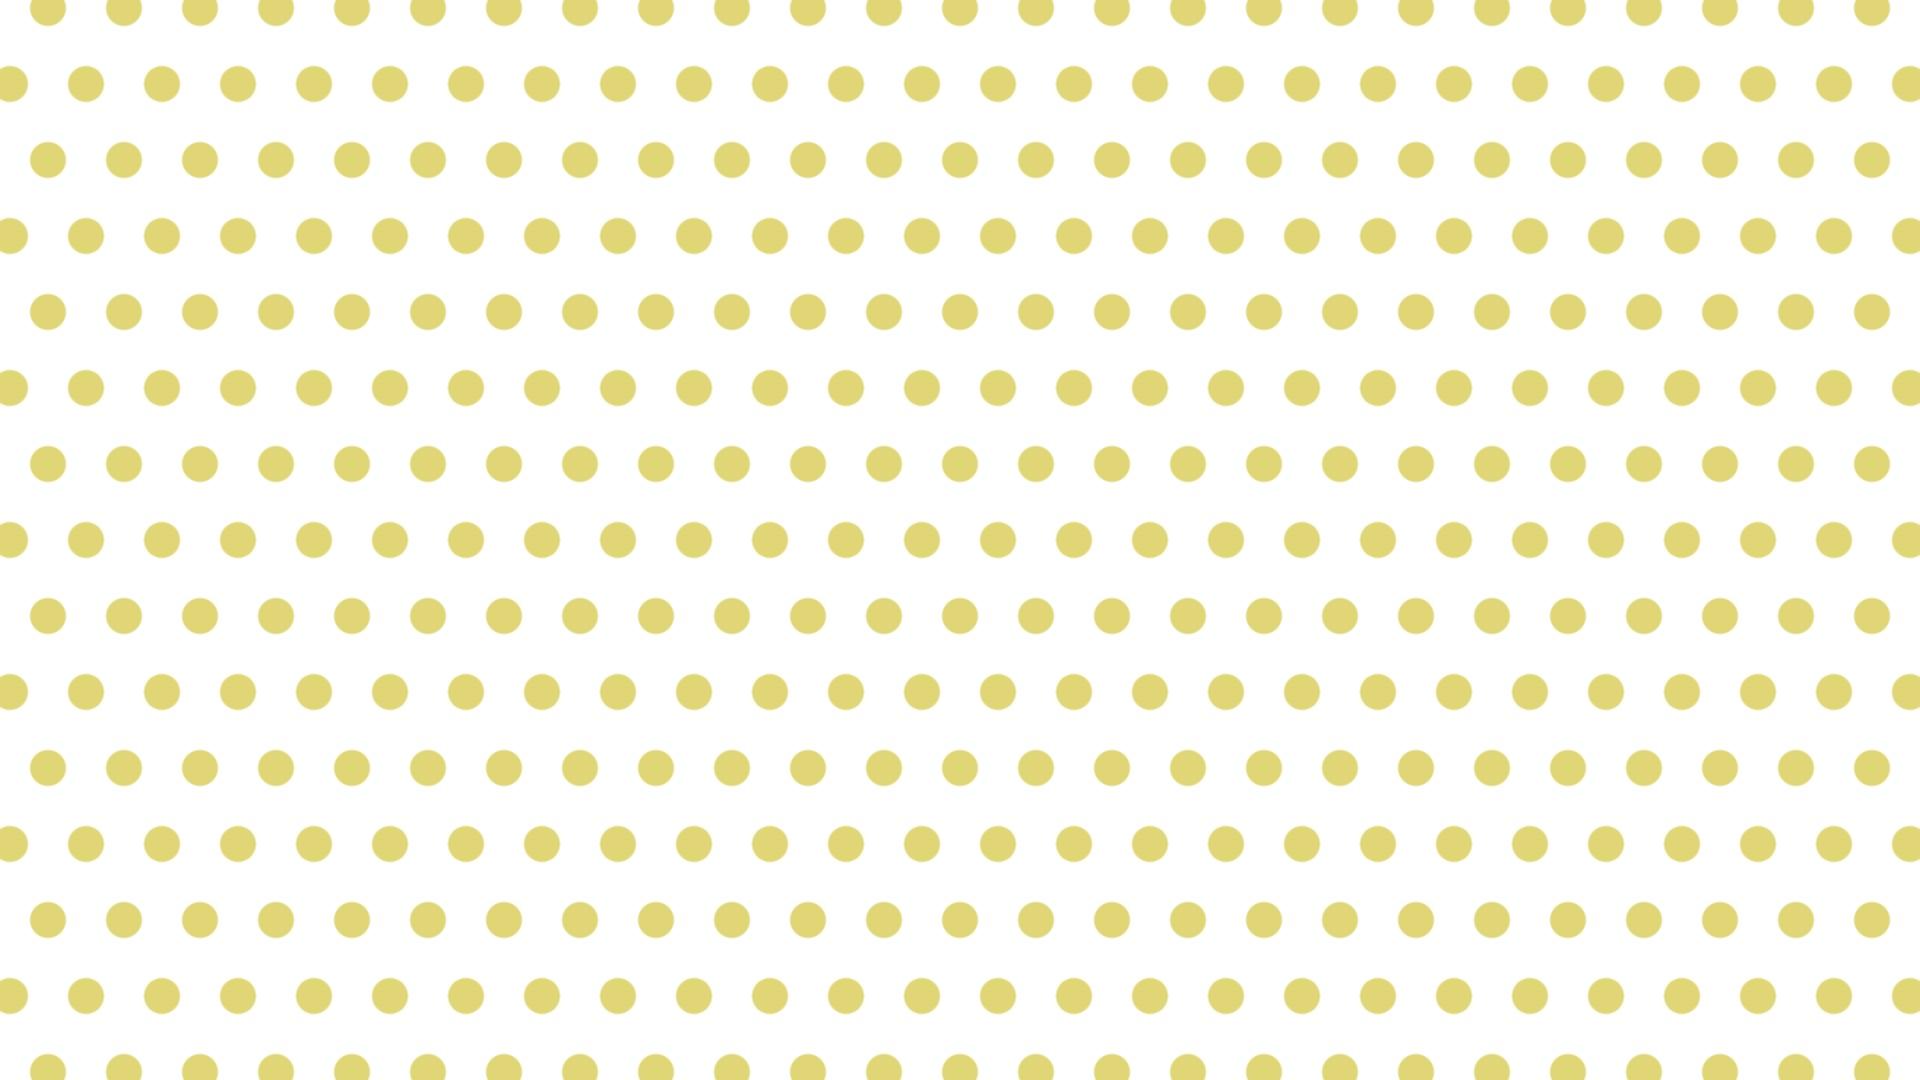 小さい黄色ドット背景。1920×1080